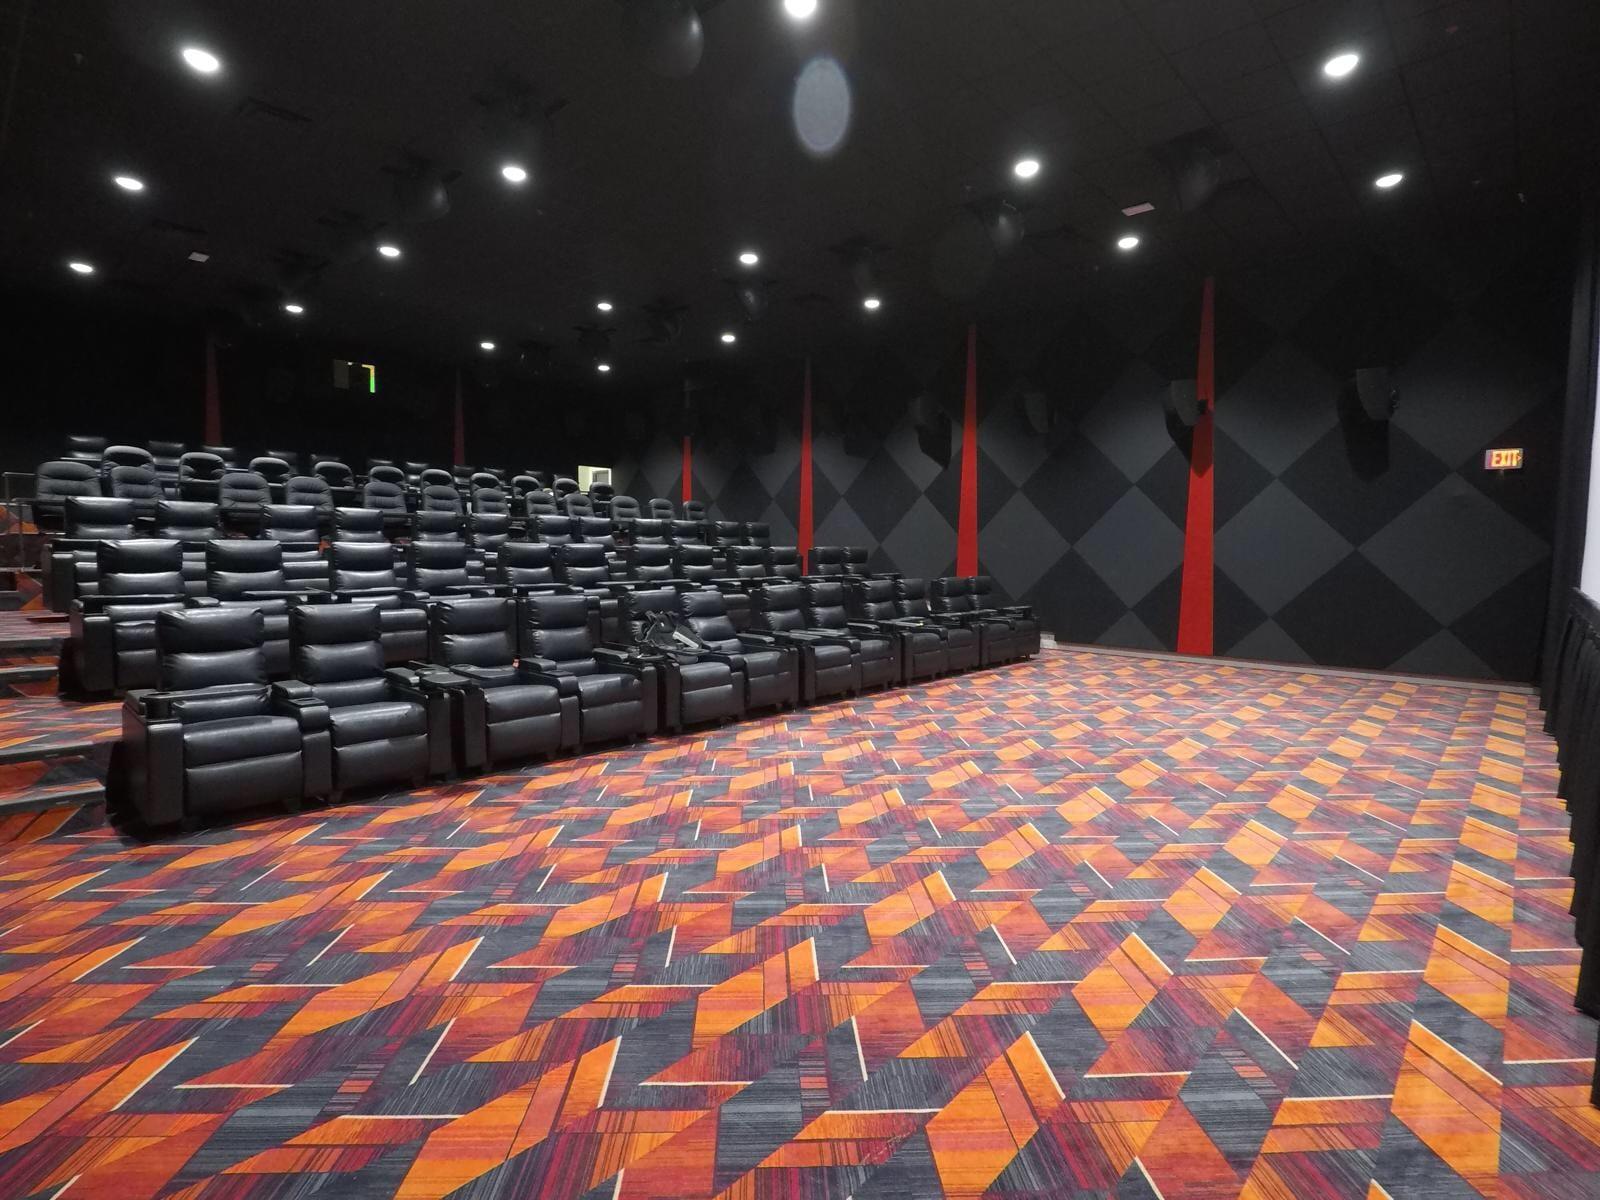 نقش آکوستیک در سینمای تجاری و سینمای خانگی